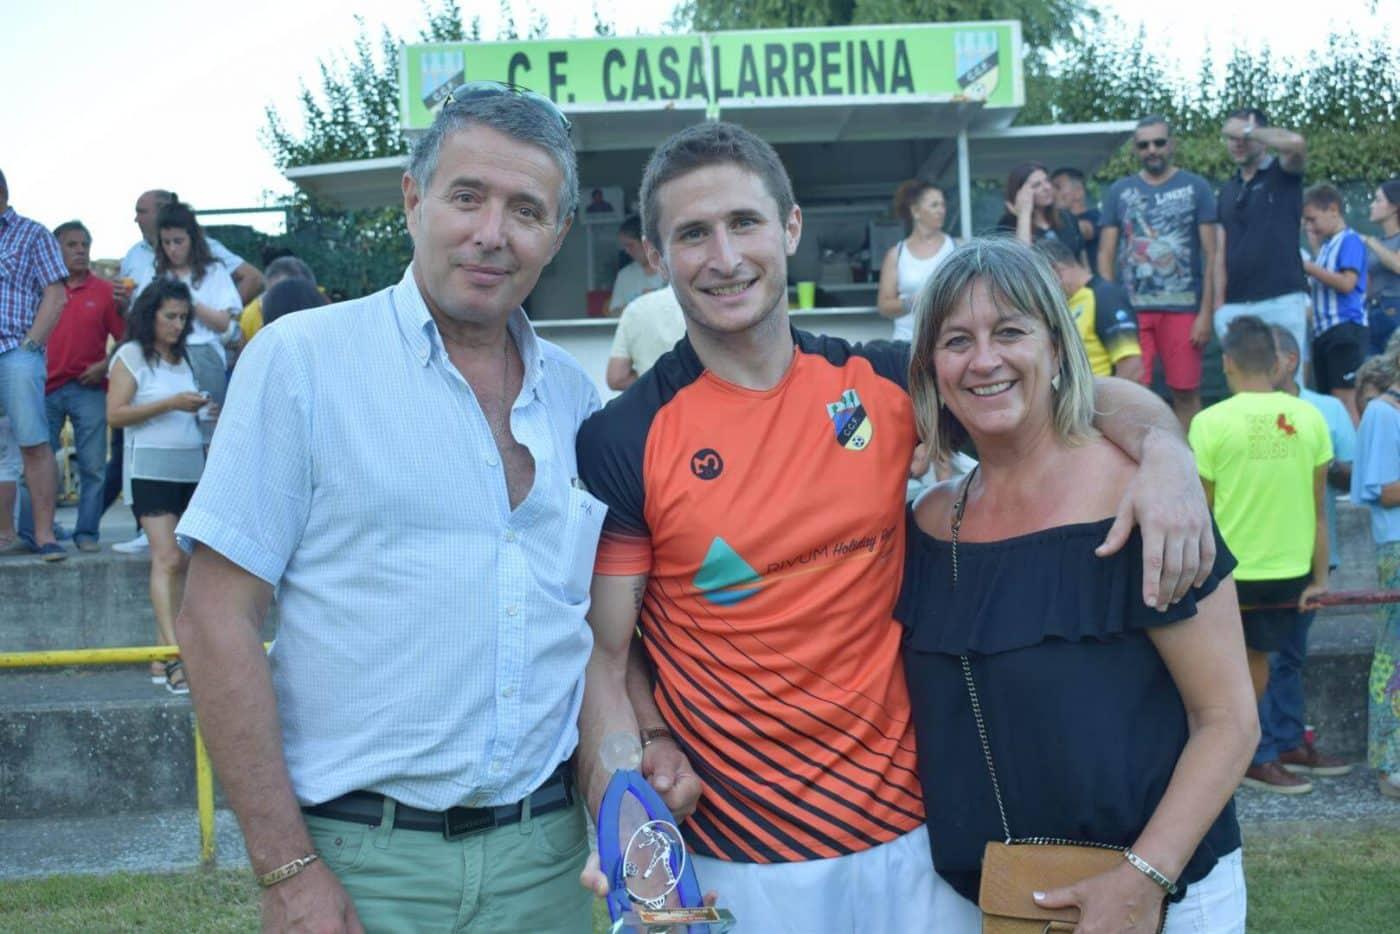 El Náxara se lleva el Trofeo Antonio Ceular del Casalarreina CF 15